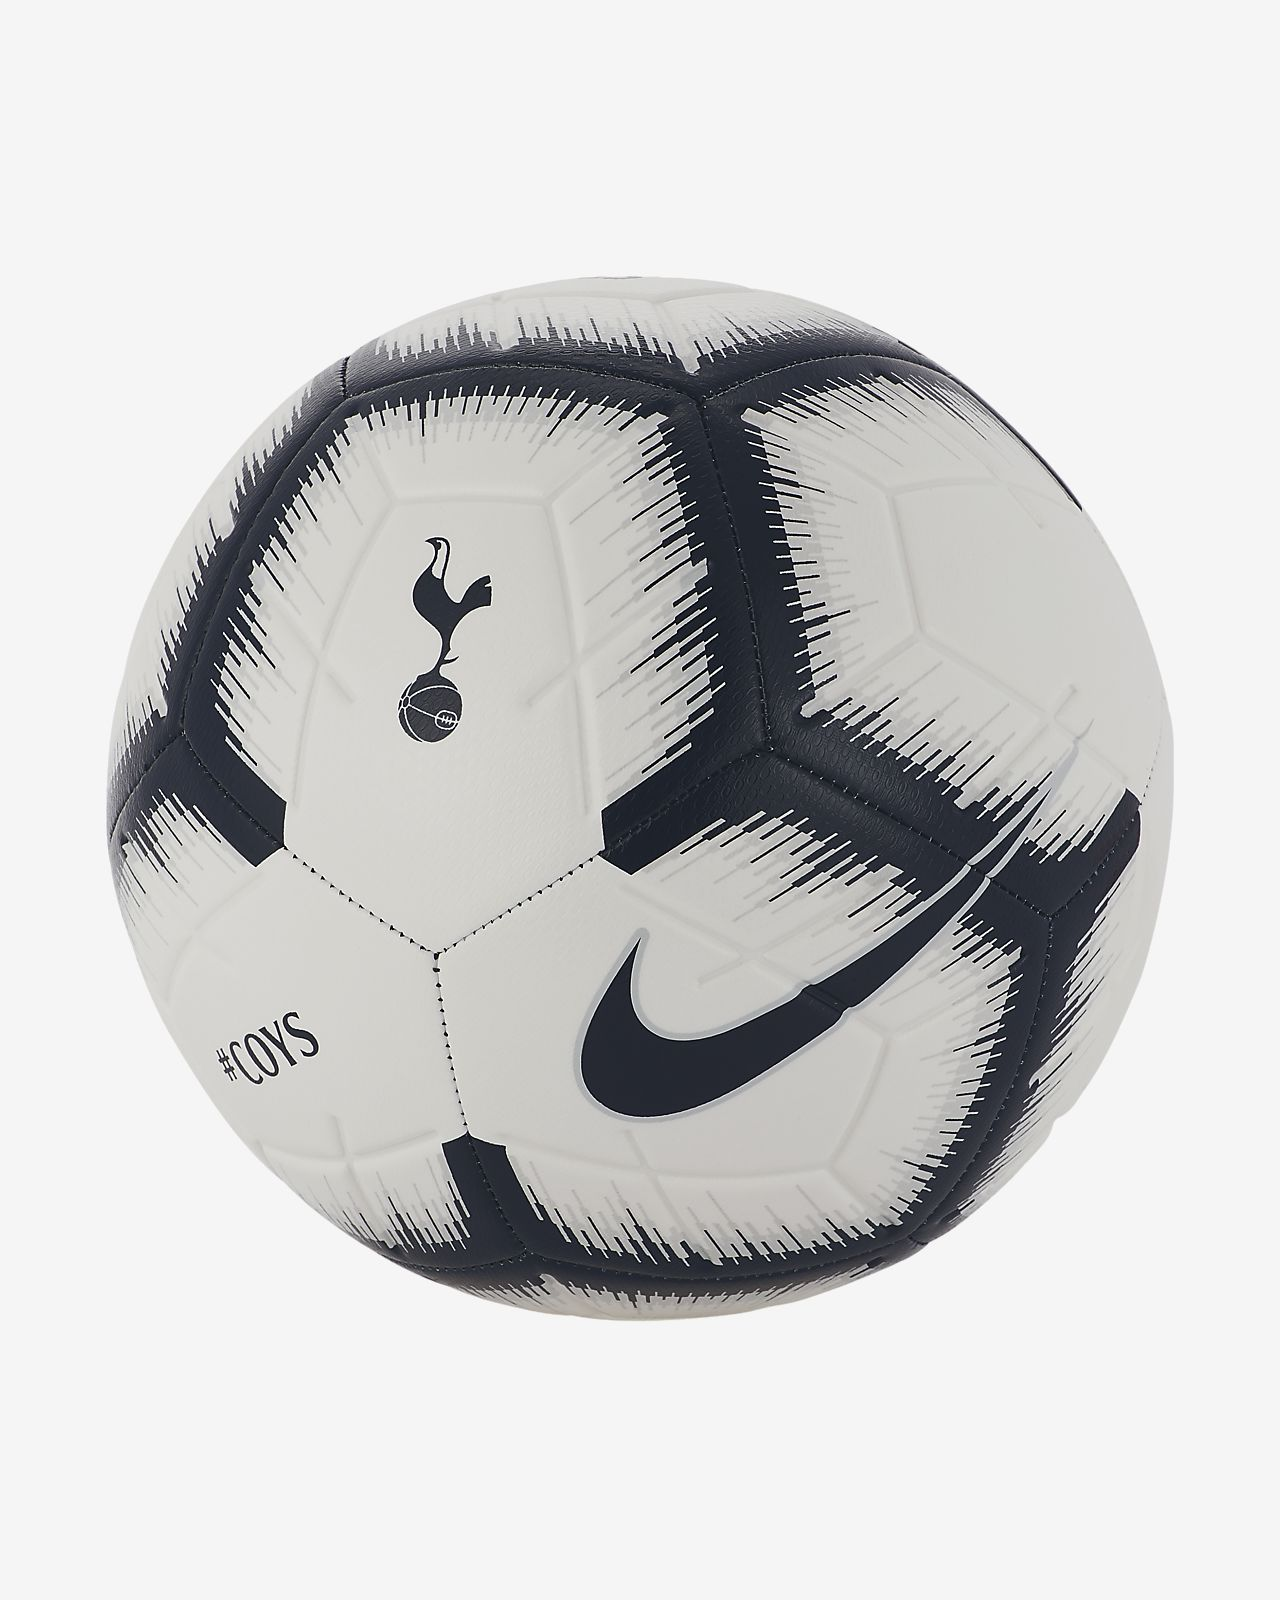 48f294ebfb1 Tottenham Hotspur Strike Football. Nike.com GB